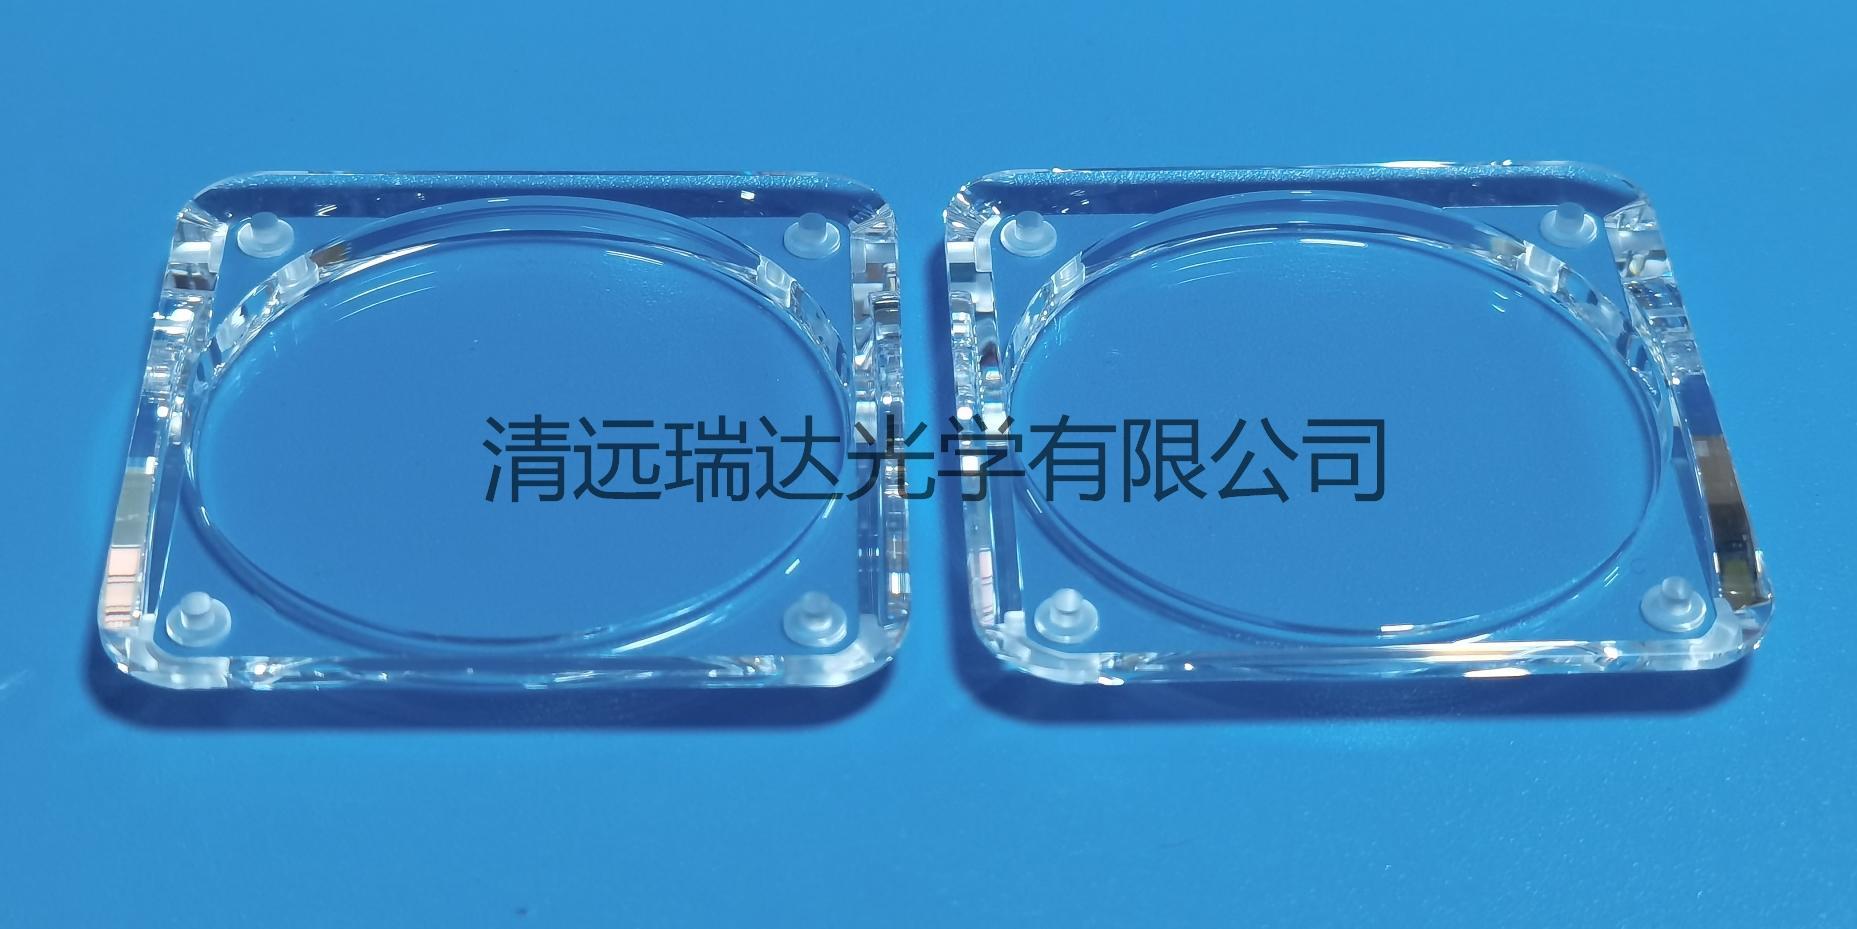 蓝宝石玻璃加工玻璃手表表壳定制 1